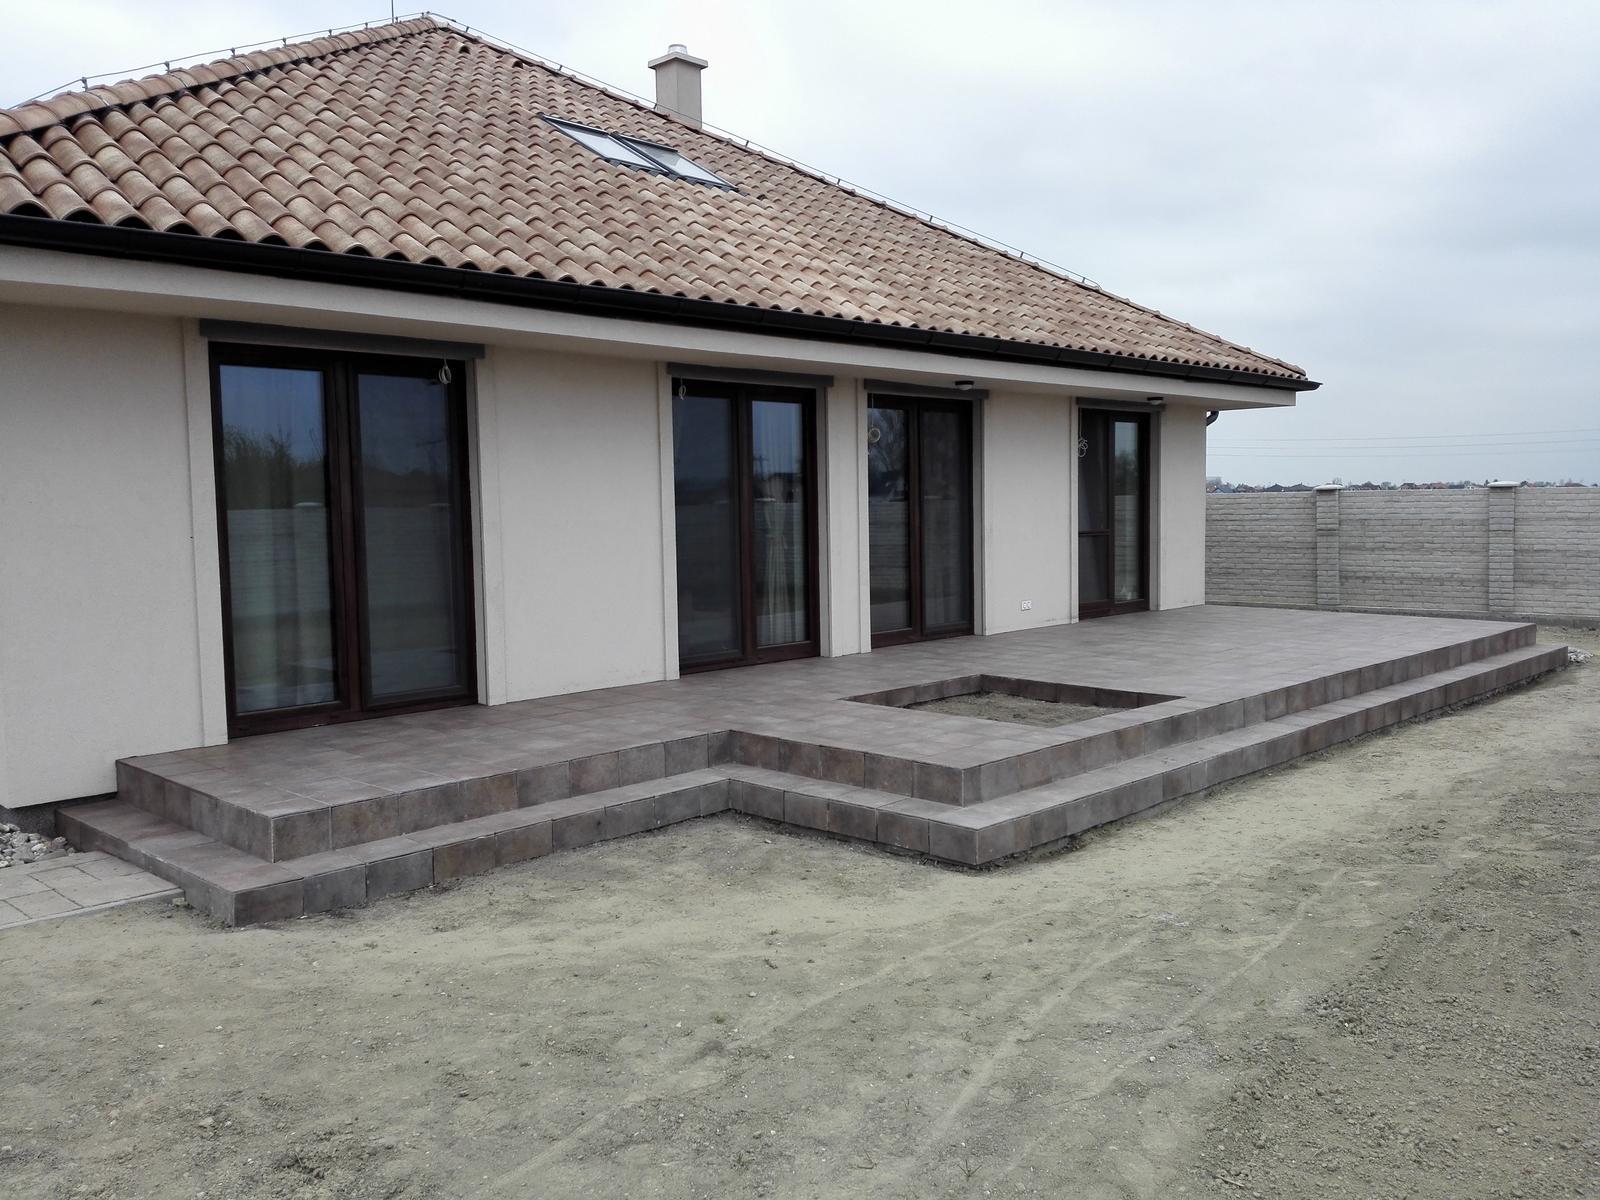 ARD Dekor 8 - 11.04. Vydlazdena terasa, priedomie aj schody do domu